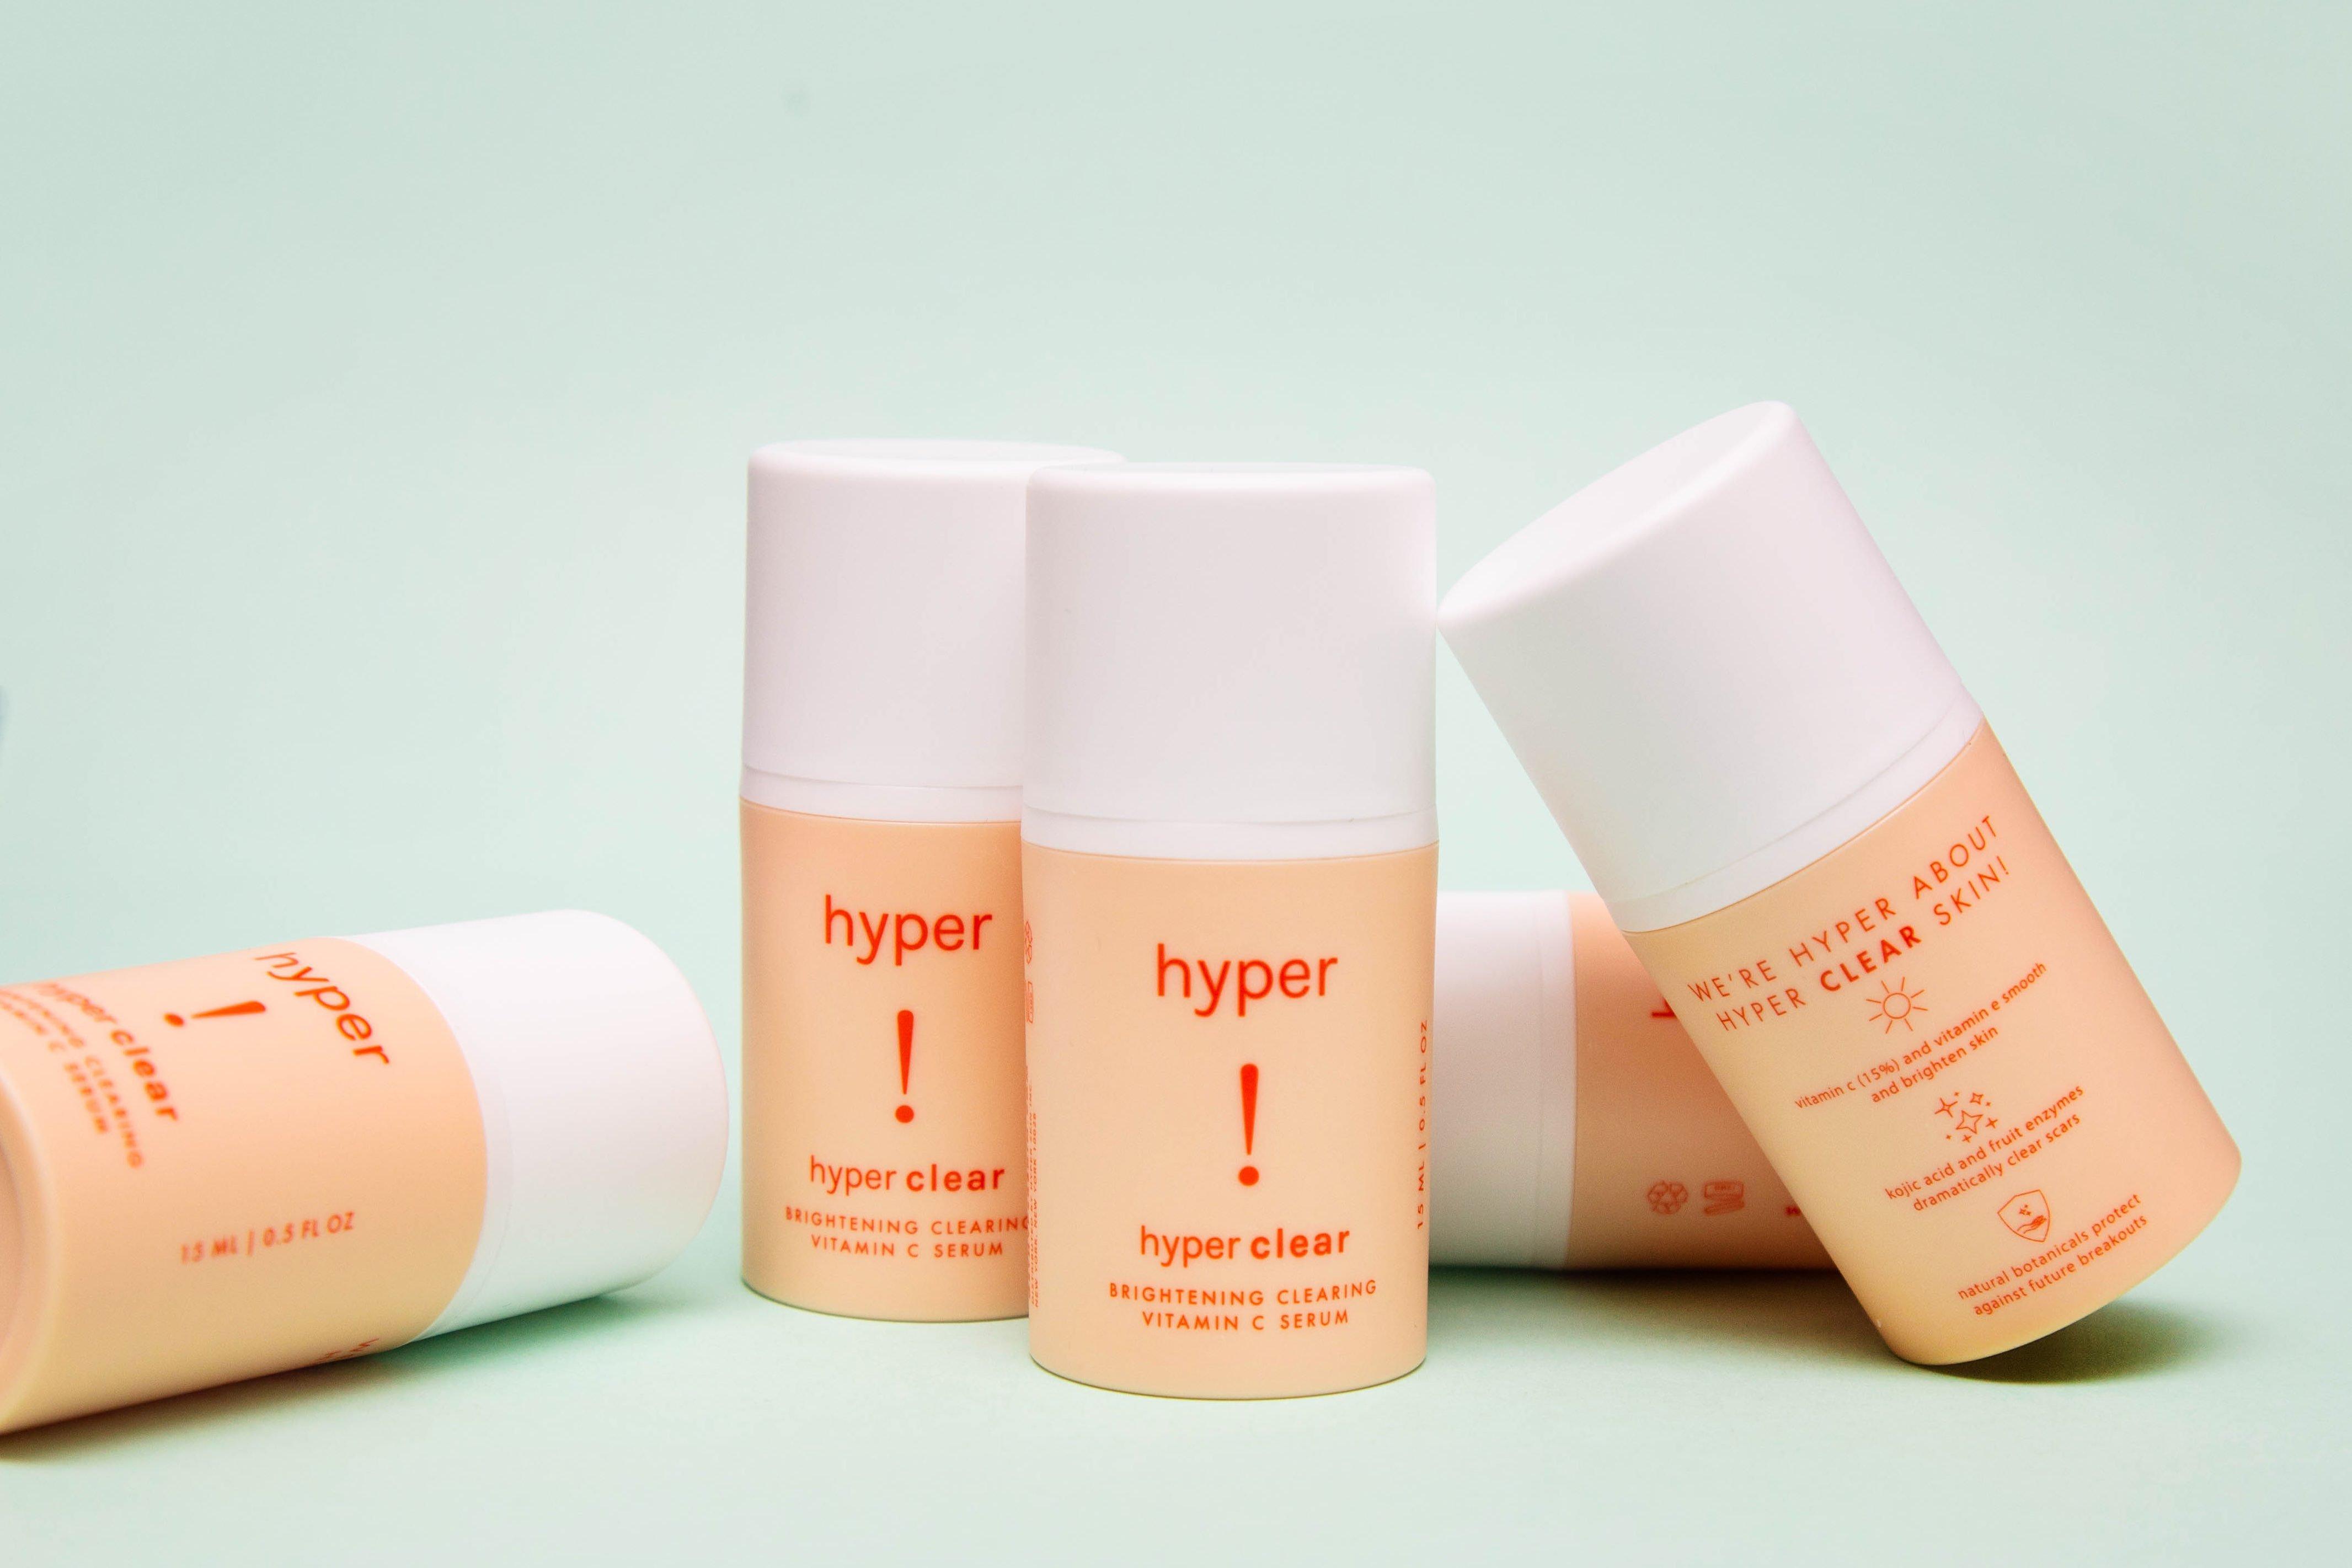 Hyper Skin